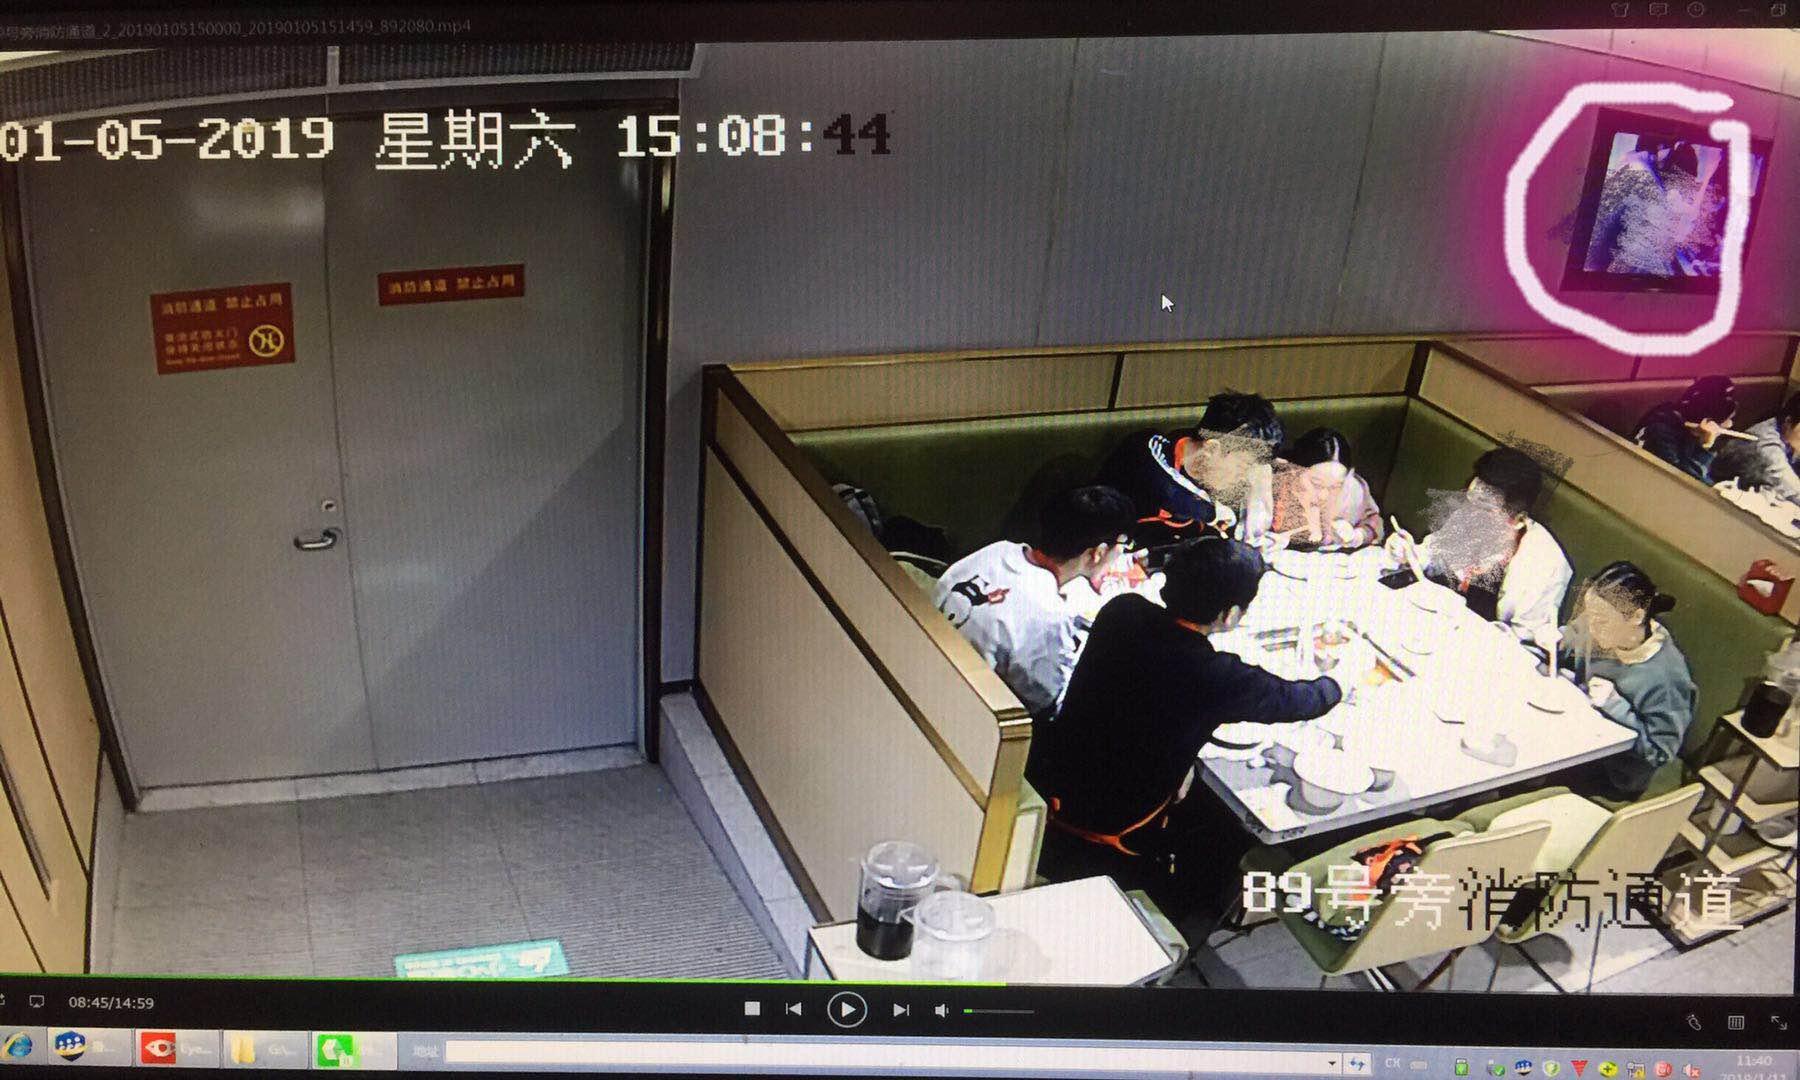 海底捞不雅视频事件侦破 男子破解网络投屏被刑拘